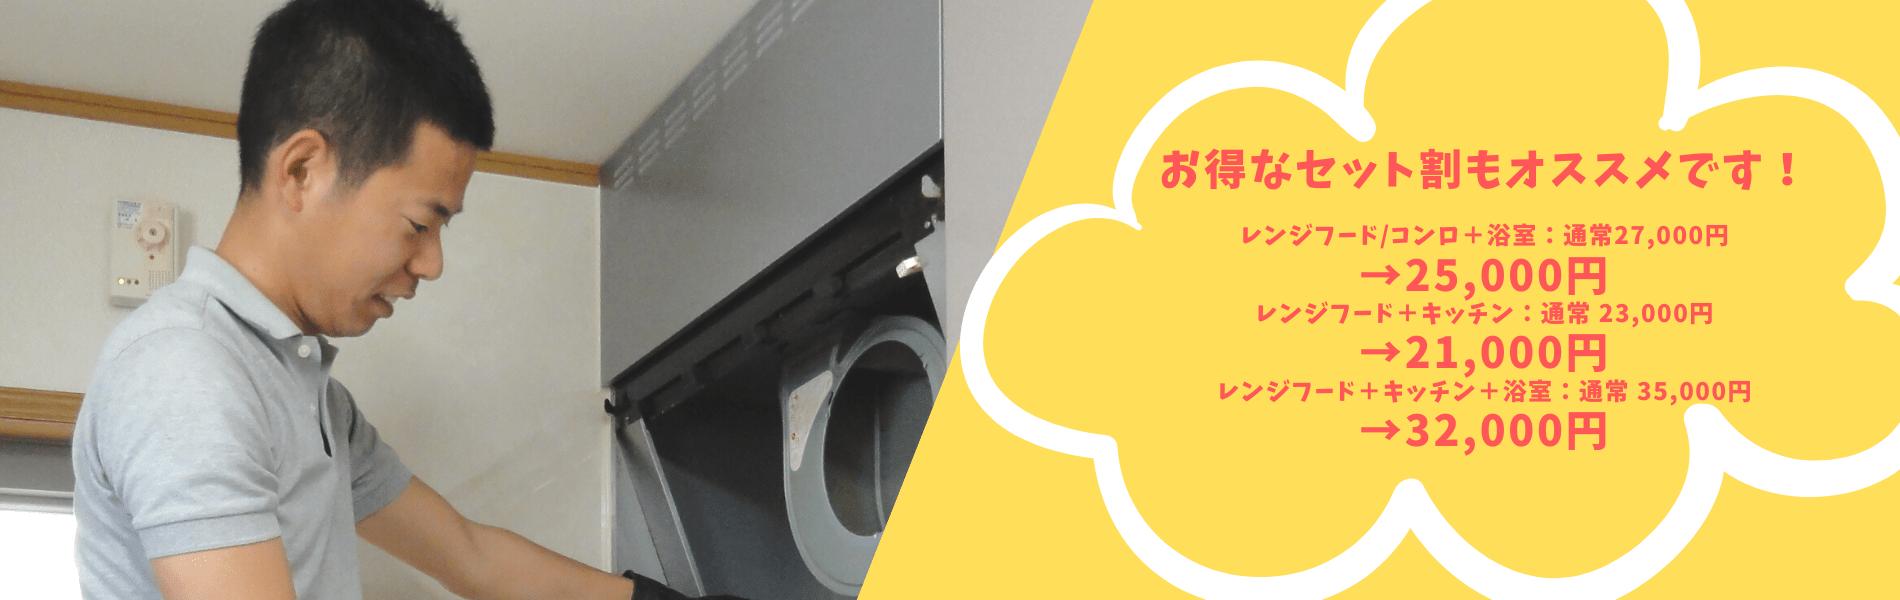 お得なセット割りもおすすめです!芦屋・西宮・夙川の奥様に大人気のハウスクリーニング